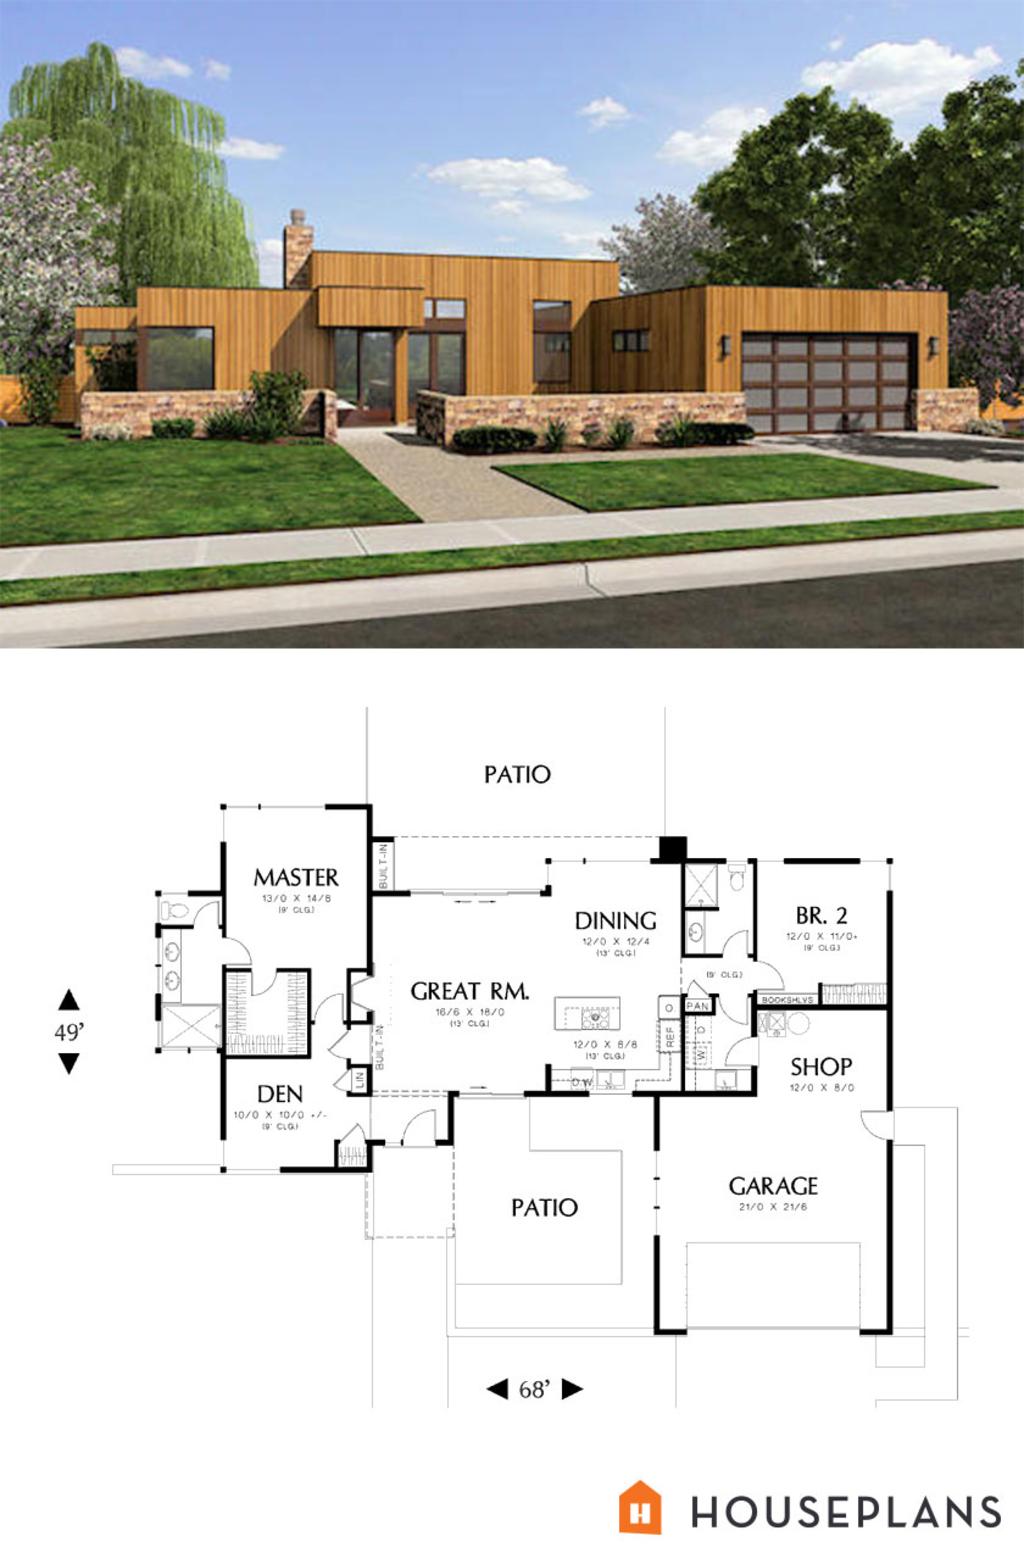 8f5afe3fd075c0560ef42207fe4afa57 - 40+ Modern Small House Design Floor Plan Gif